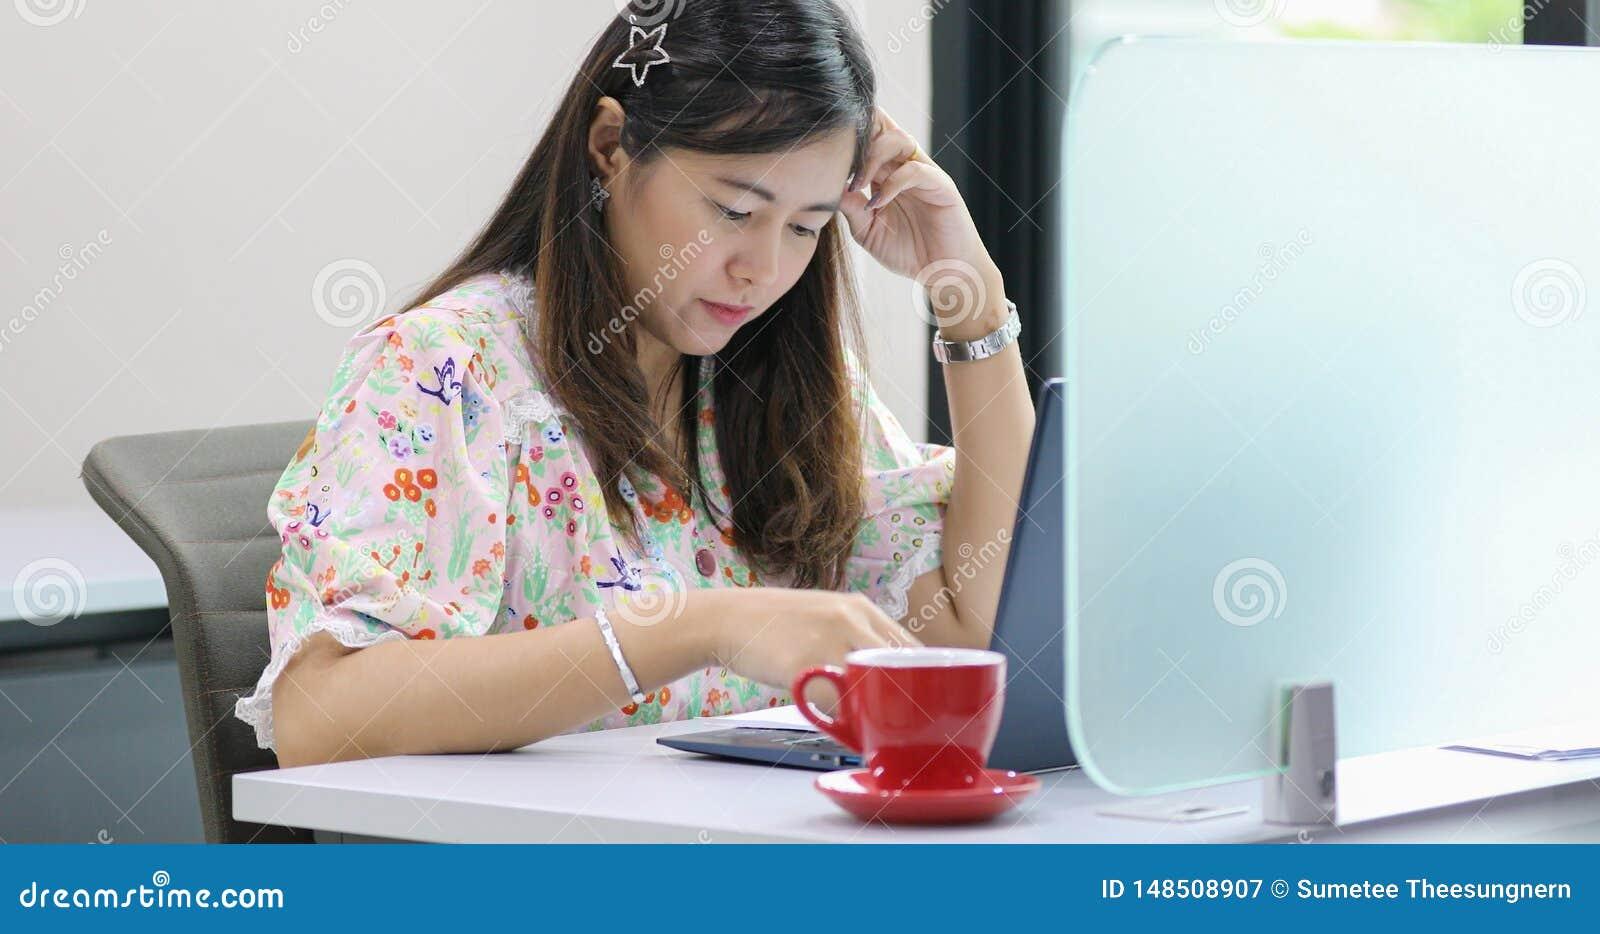 Ασιατική επιχειρηματίας σοβαρή για την εργασία και χρησιμοποίηση του σημειωματάριου για τους συνέταιρους που συζητούν τα έγγραφα